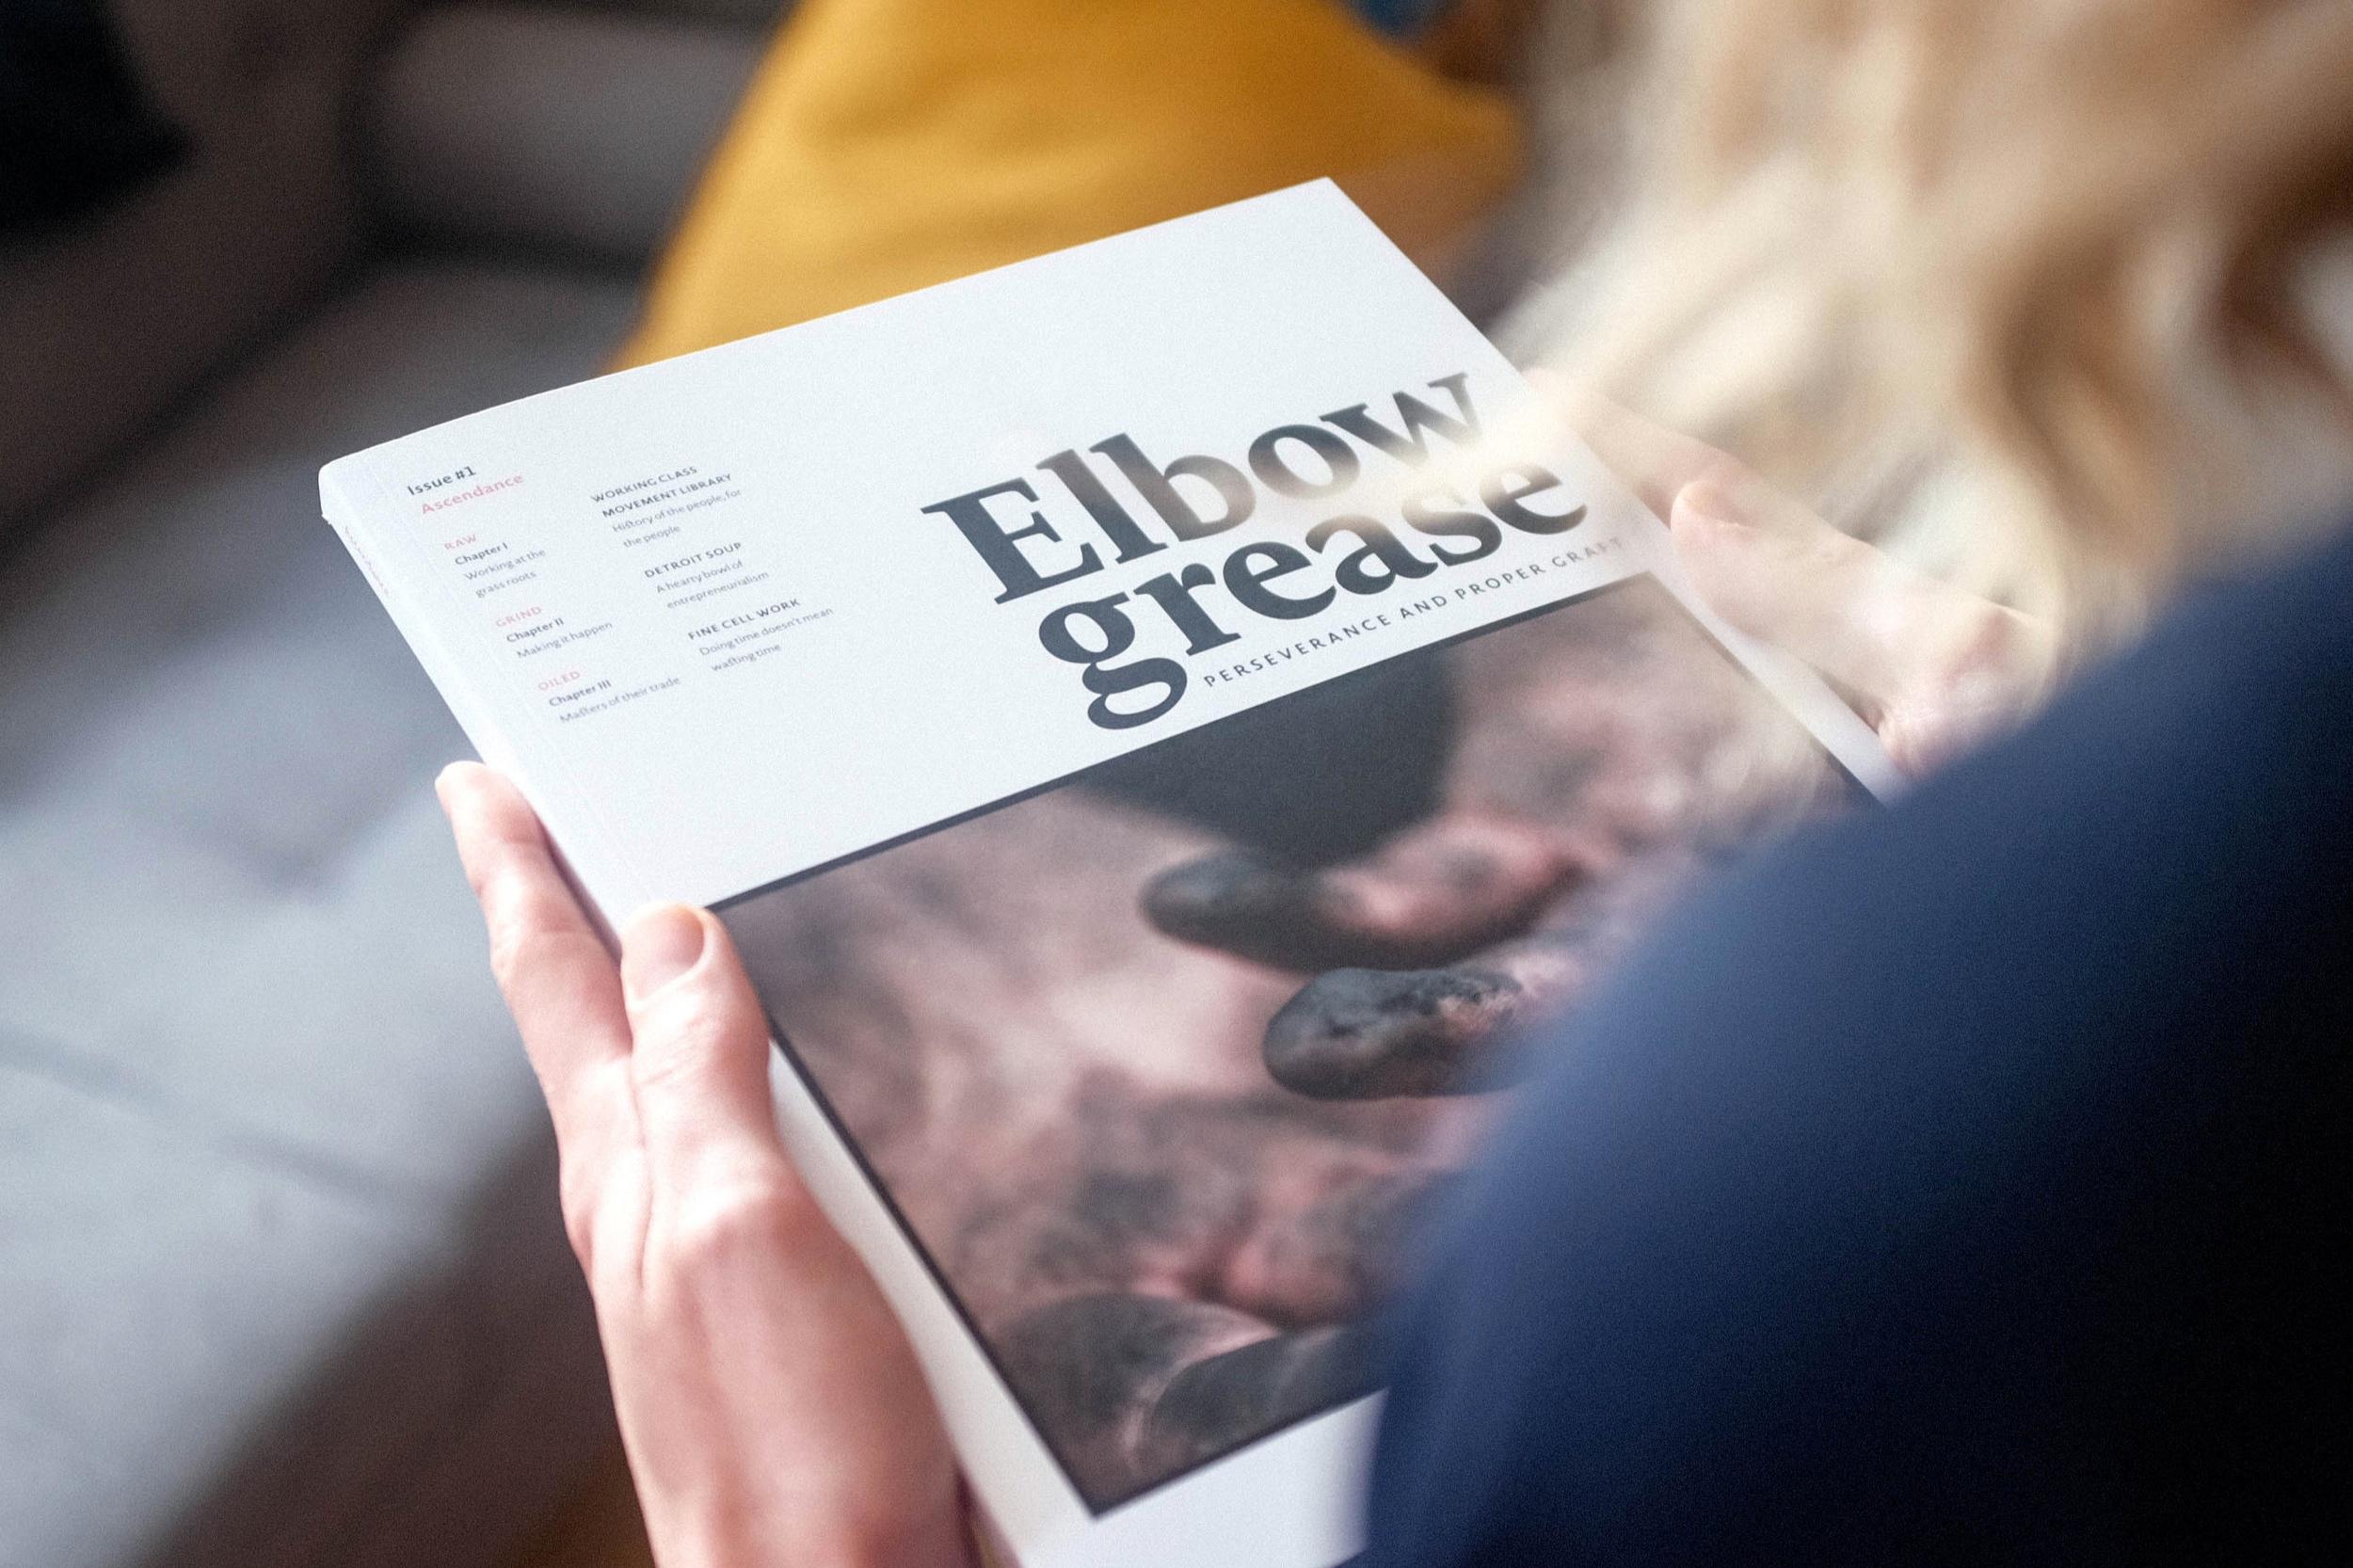 0_Elbow-Grease_Vol.1_Situ.jpg